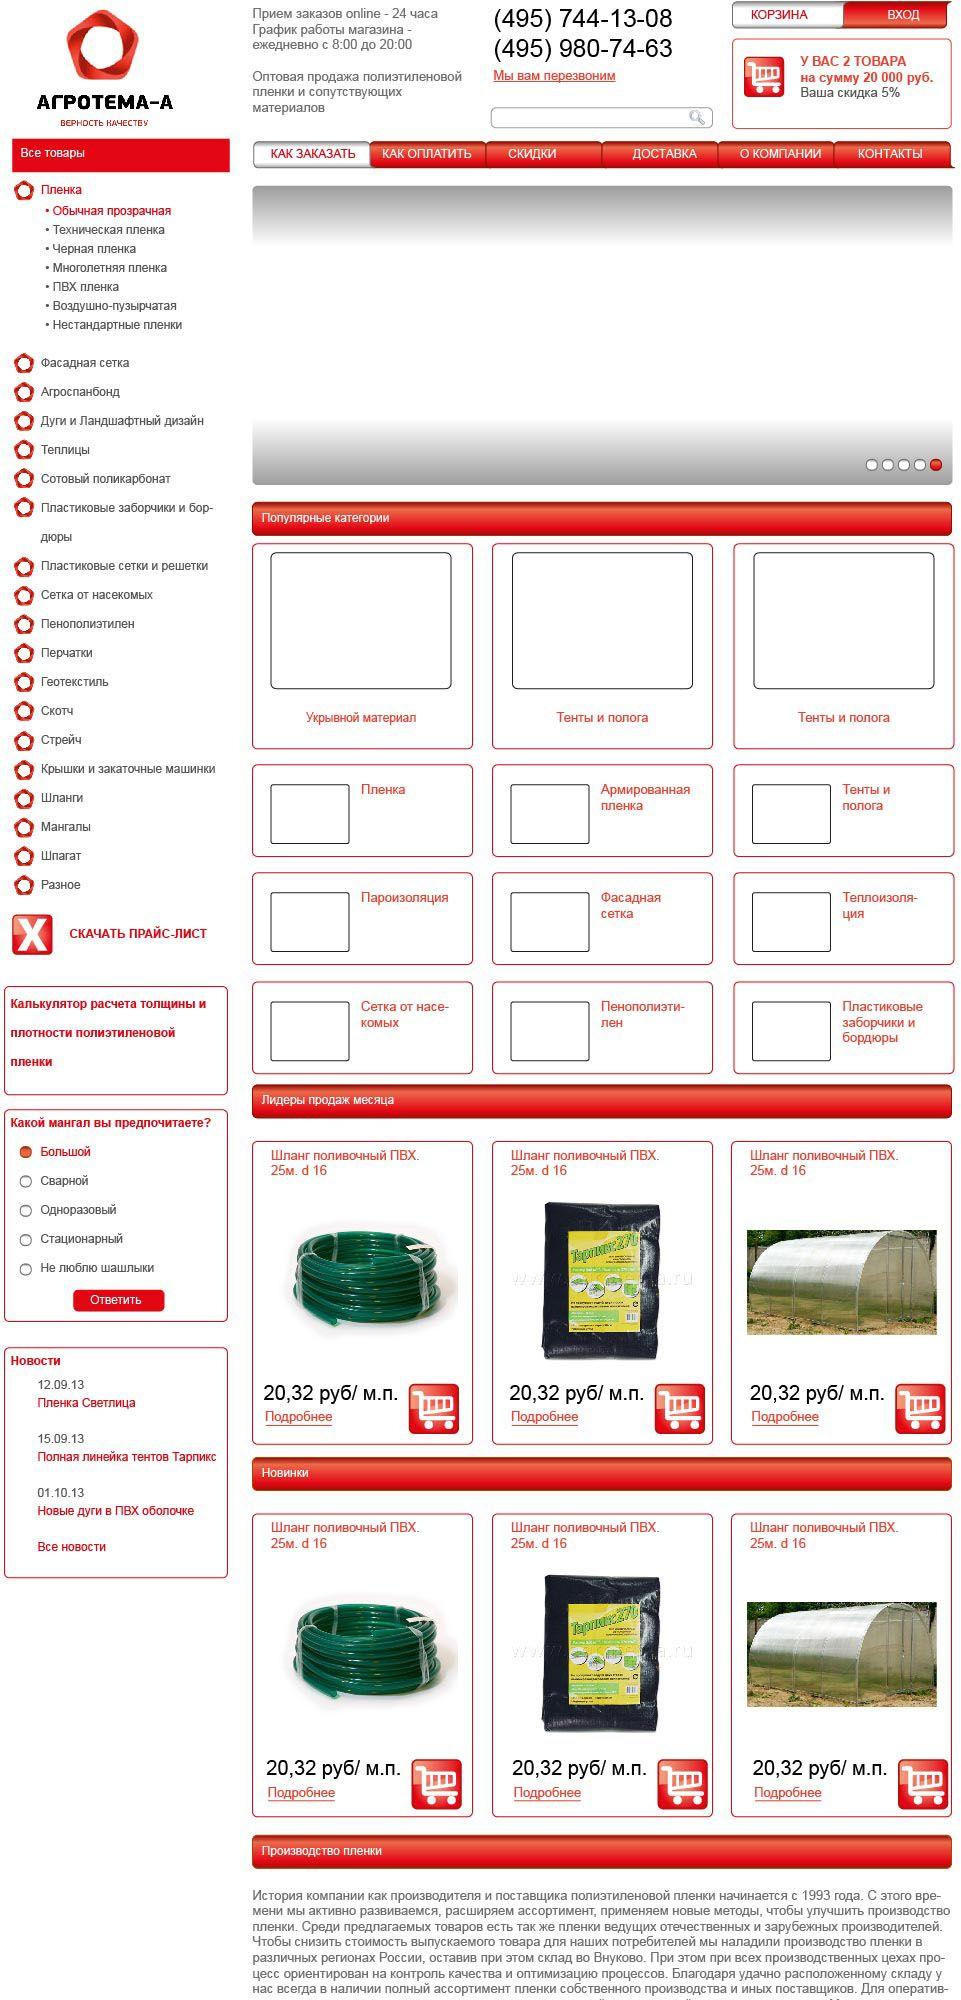 Новая главная страница agrotema.ru - дизайнер xamaza